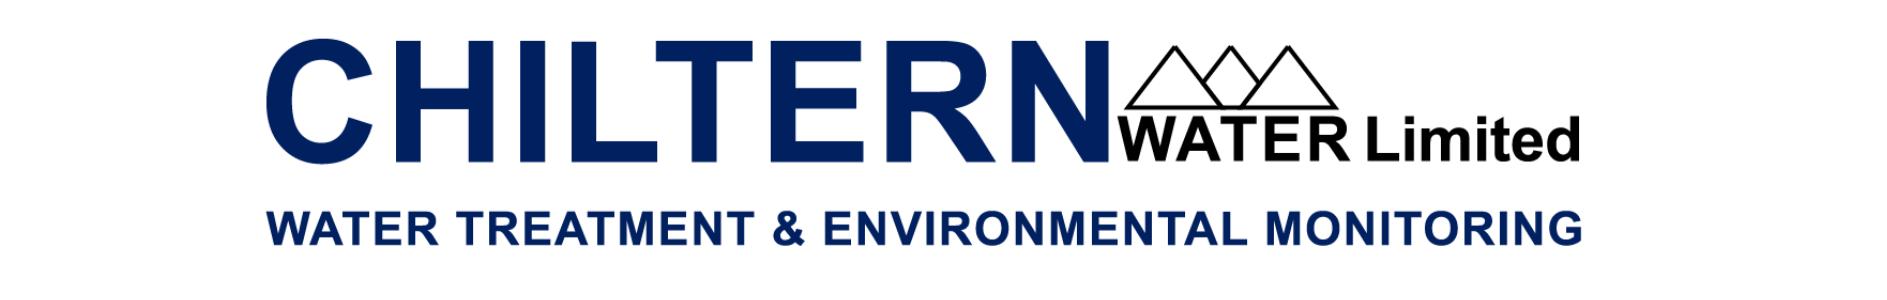 https://0501.nccdn.net/4_2/000/000/051/72c/Logo.png